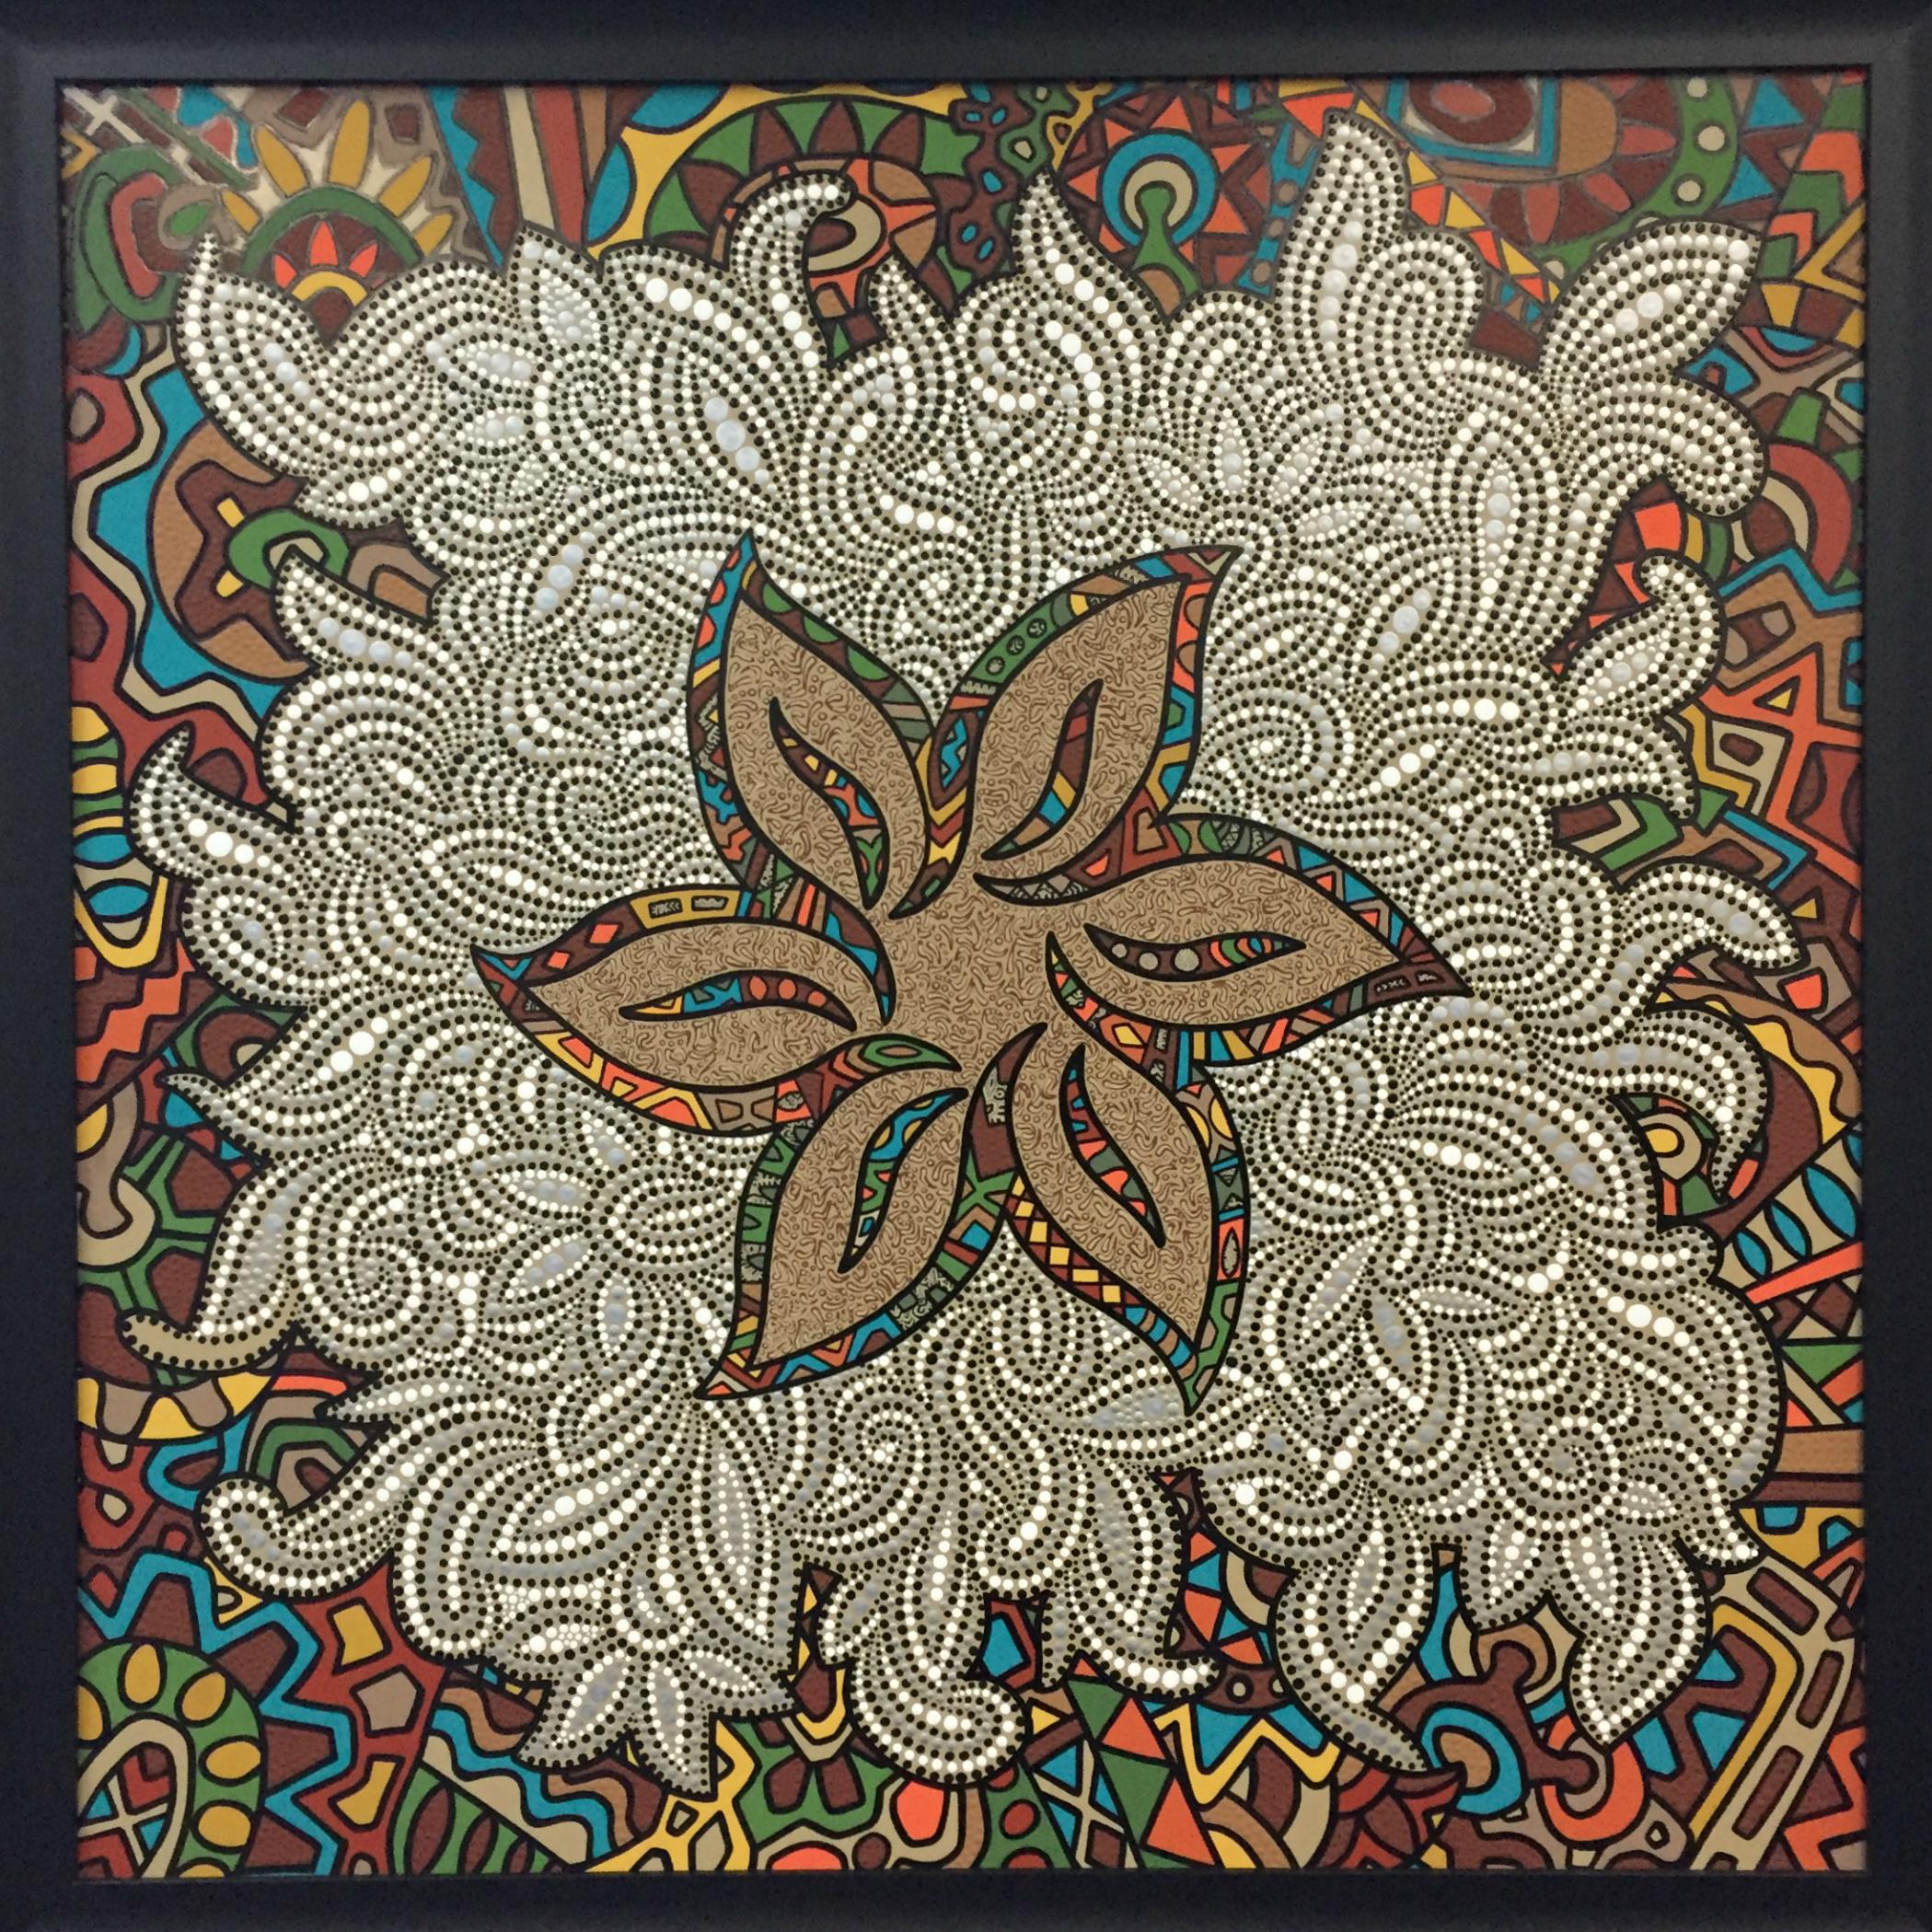 Ramel Jasir, http://rameljasir.wixsite.com/fineart